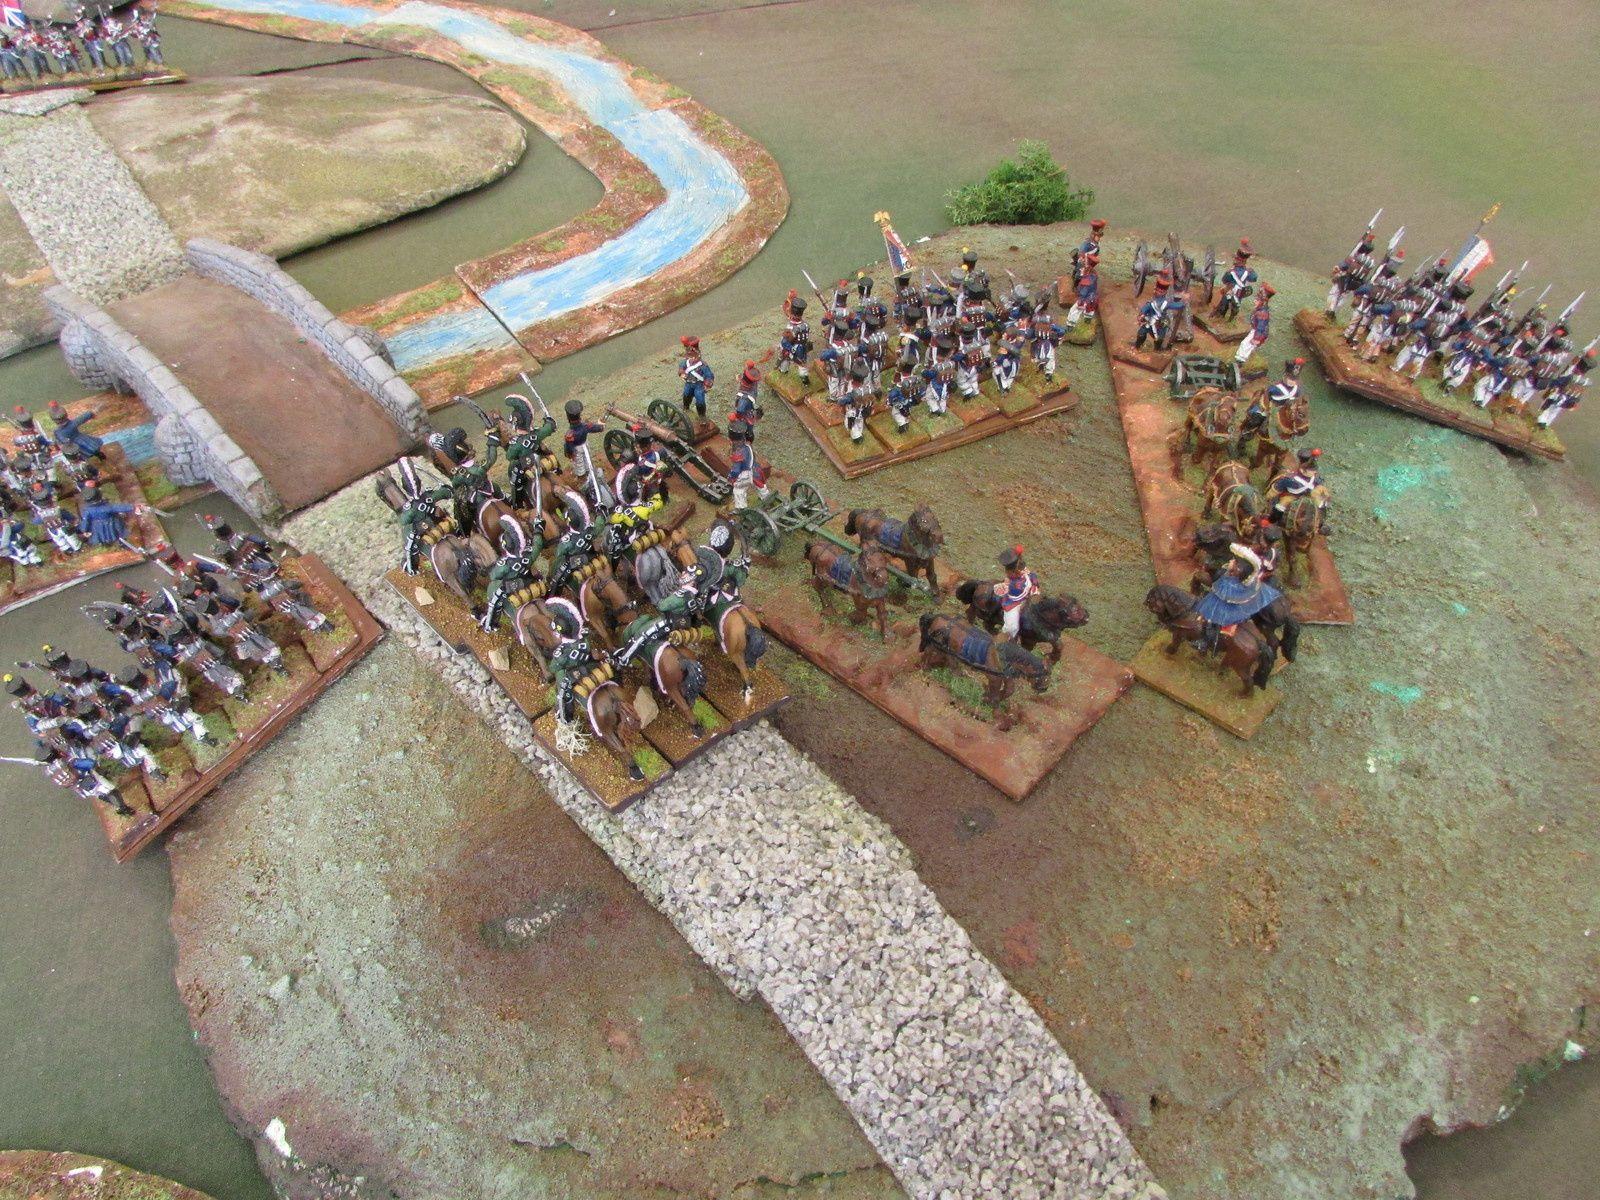 La cavalerie légère mais très costaud des francais attend en embuscade pour parer aux ardeurs de l'ennemi. L'artillerie est placé et prete à faire feu...